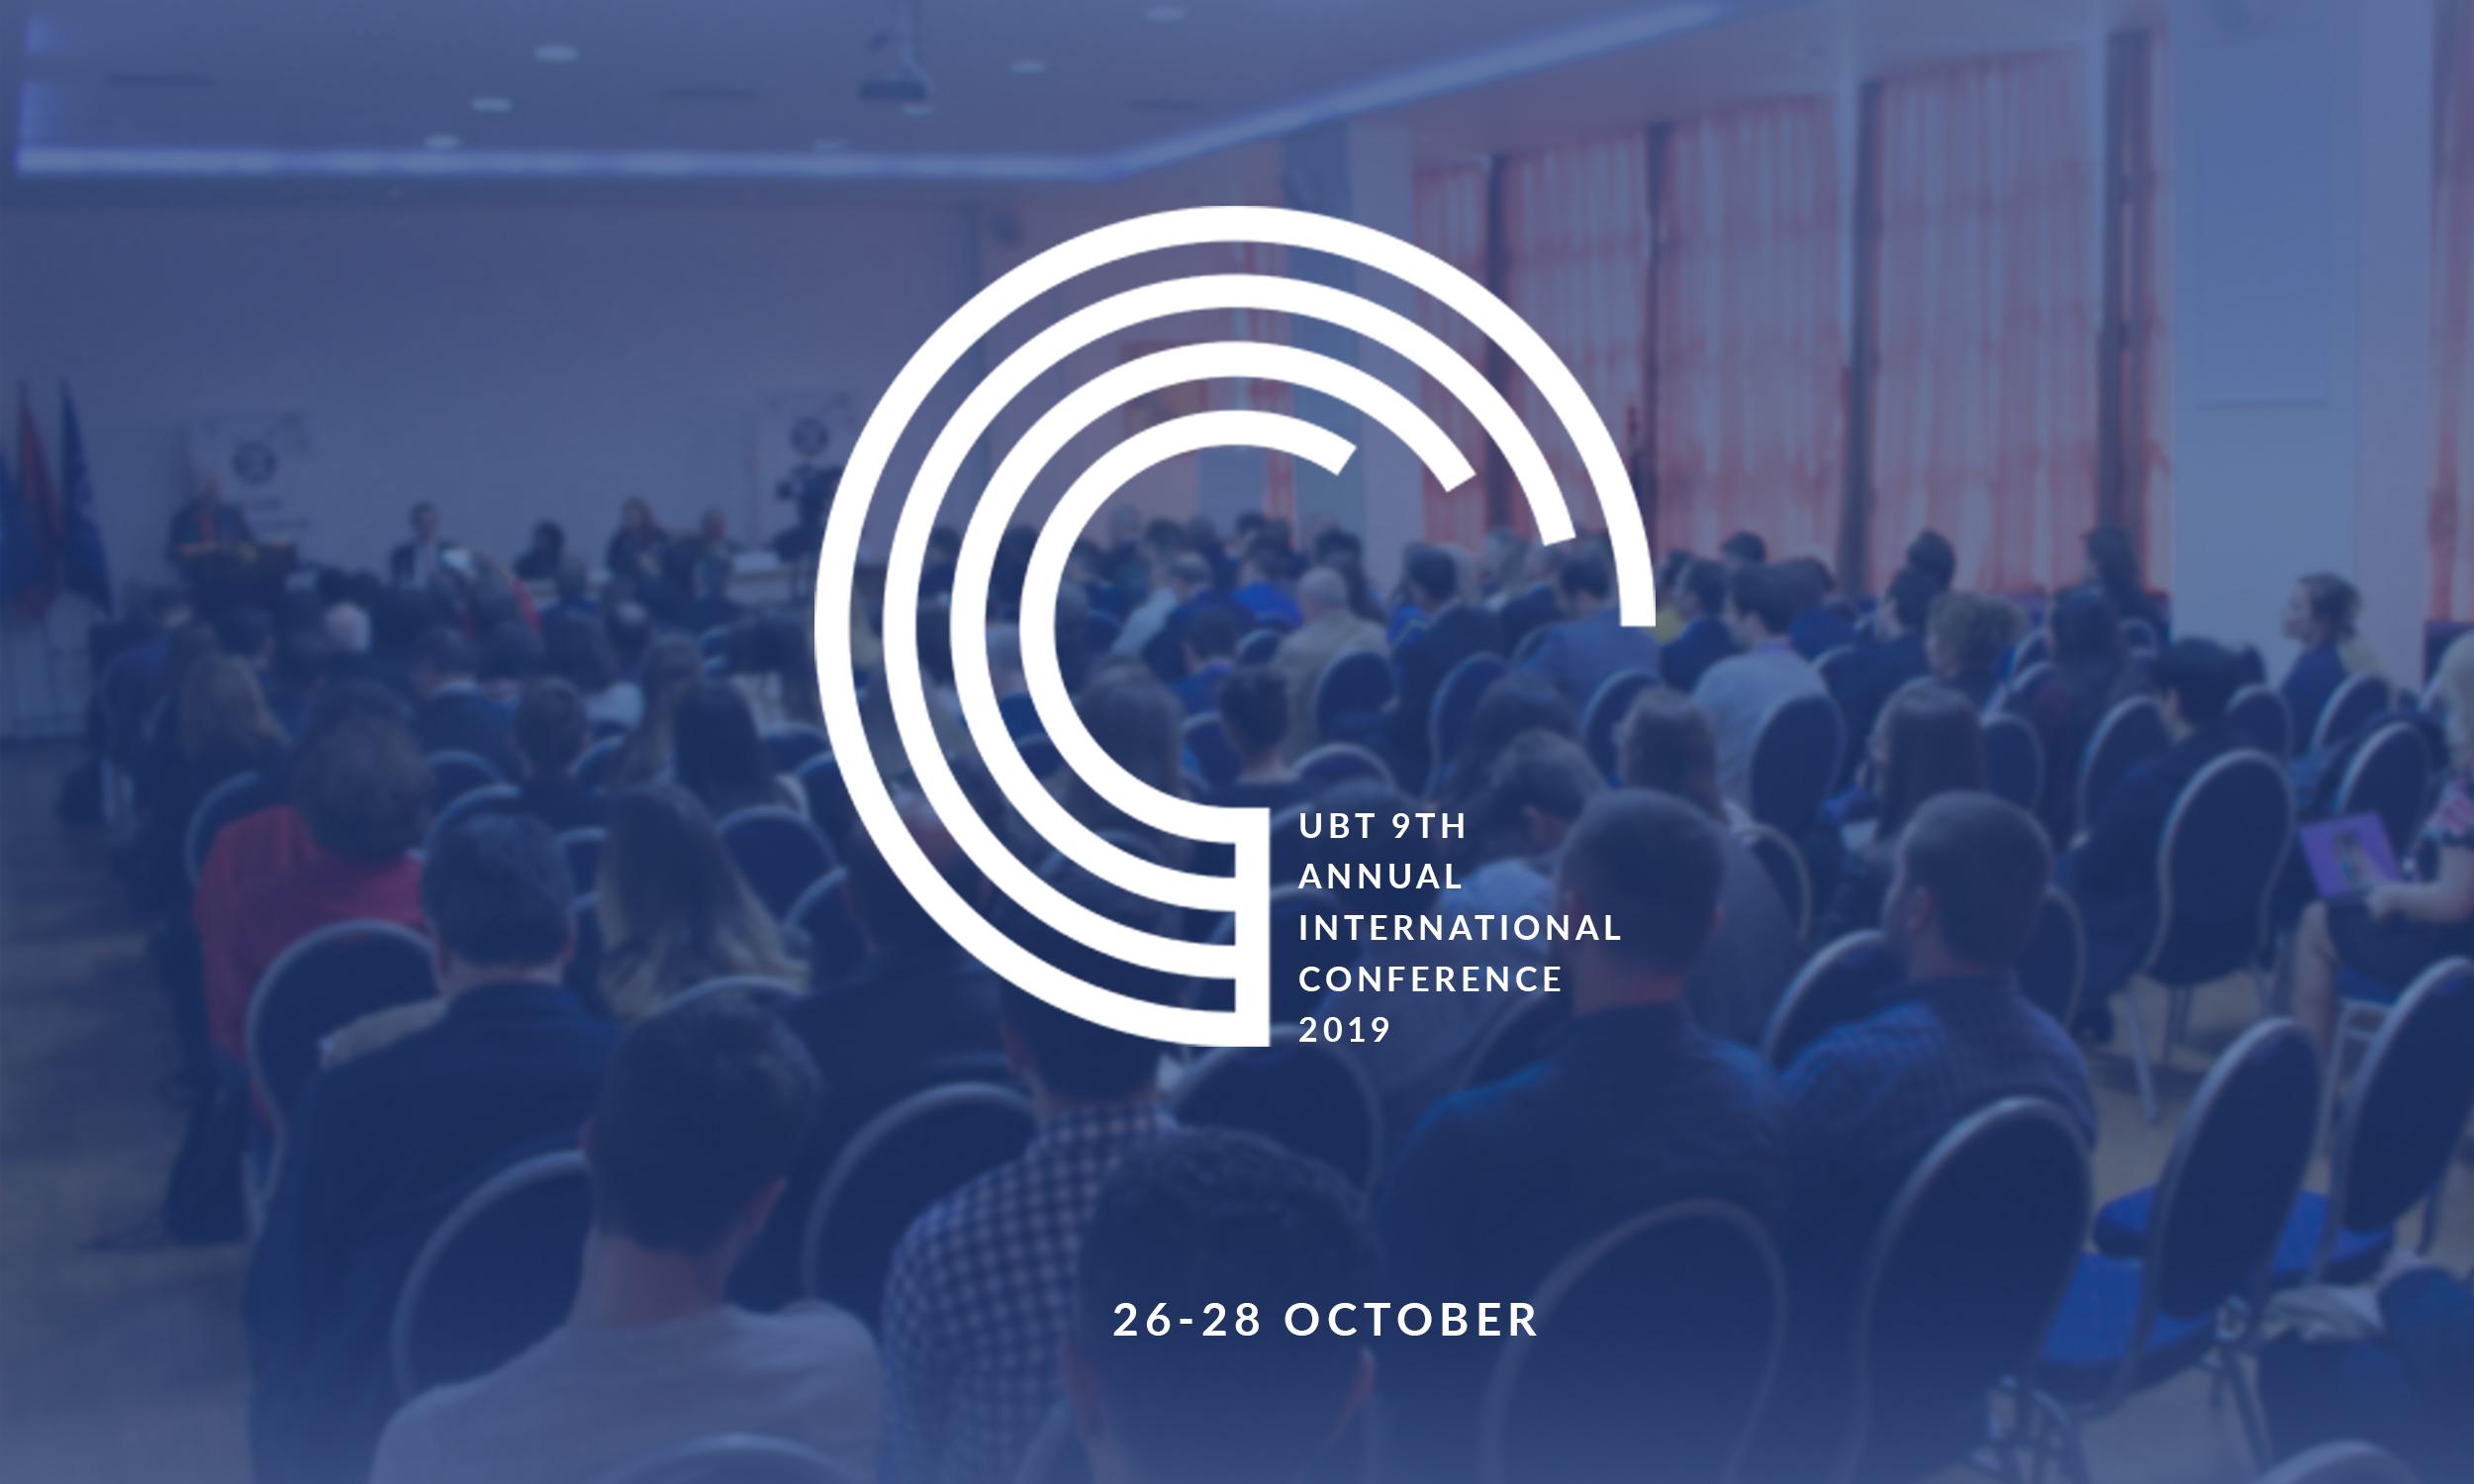 UBT po vazhdon të pranojë abstraktet për Konferencën Ndërkombëtare 2019